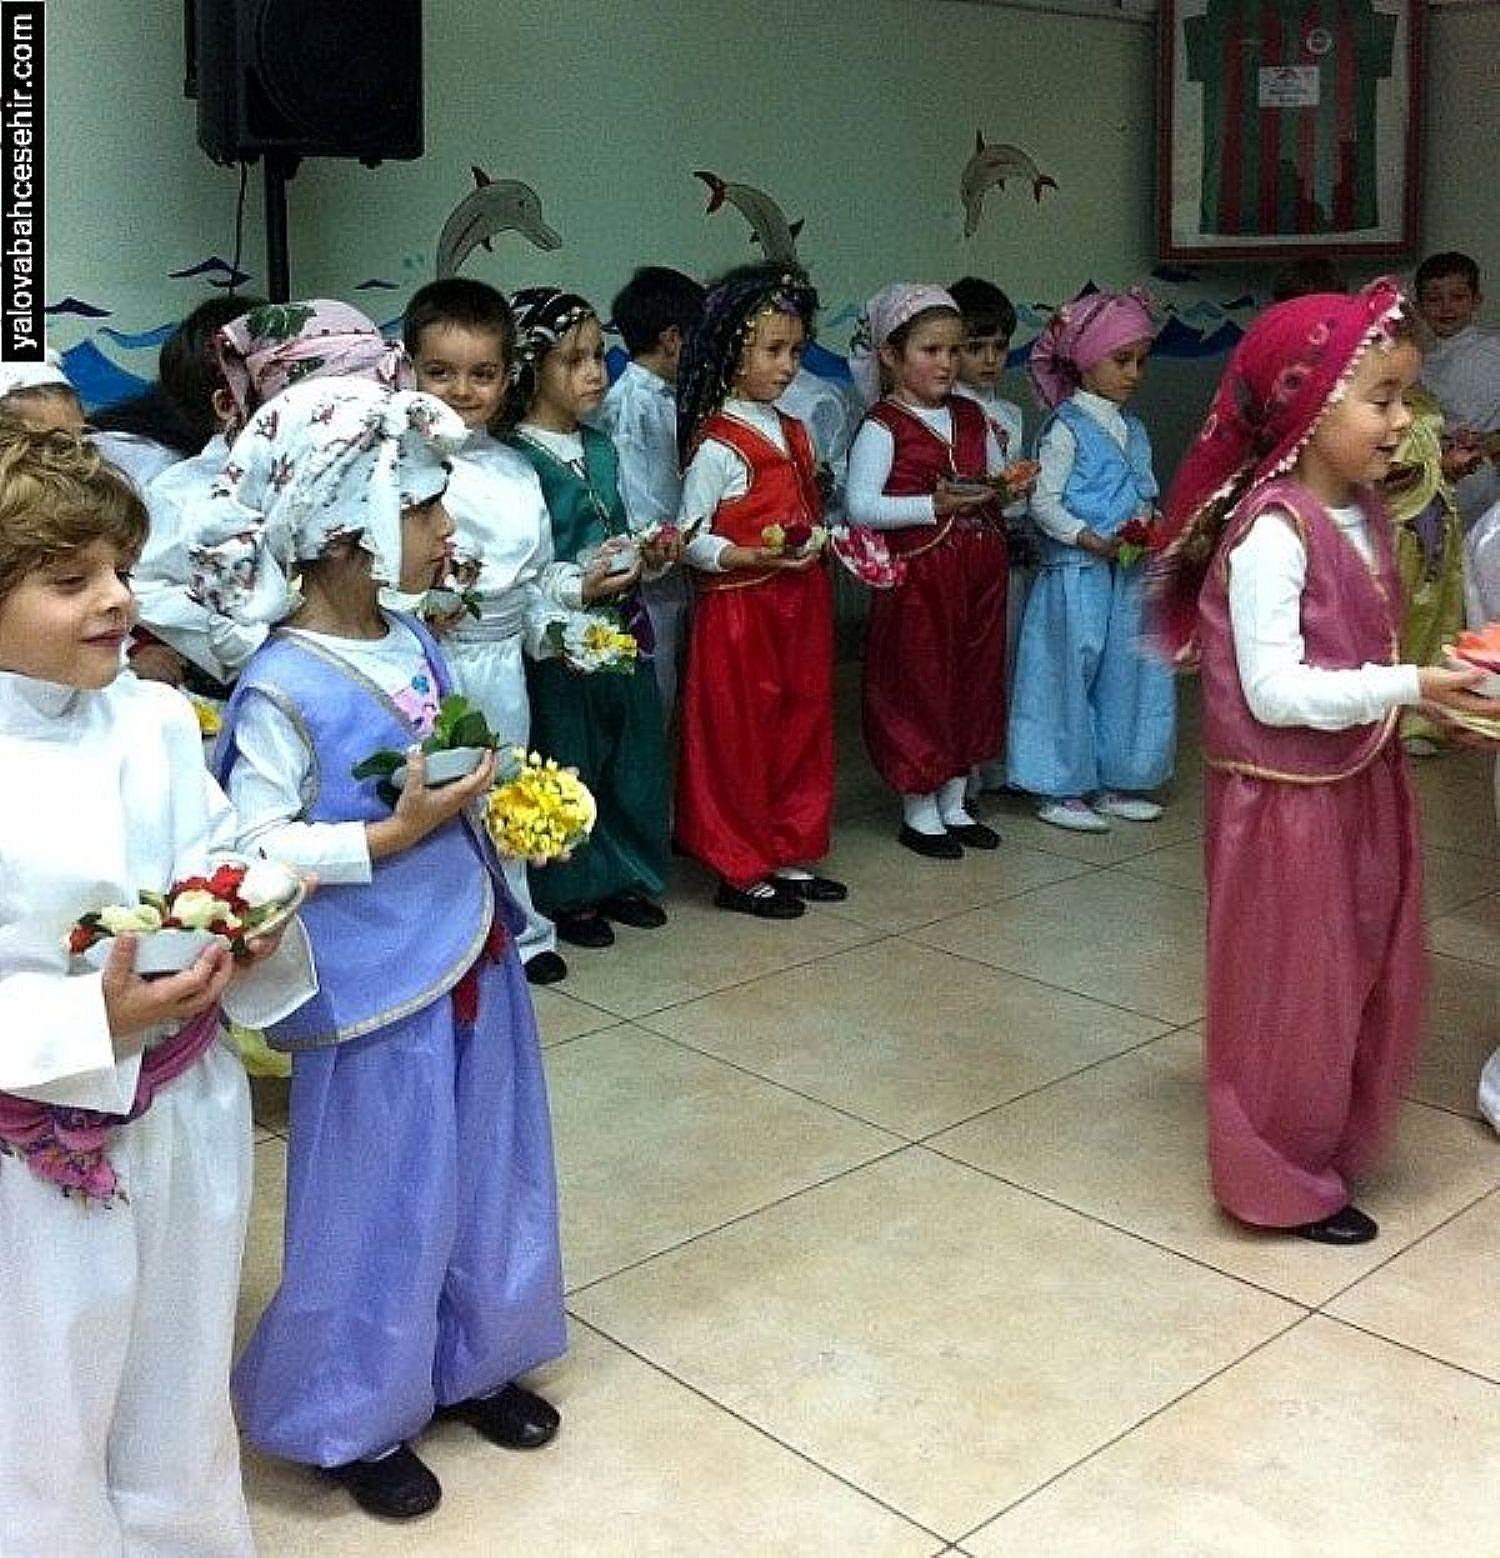 Miniklerden Bölge Bölge Türkiye Etkinliği